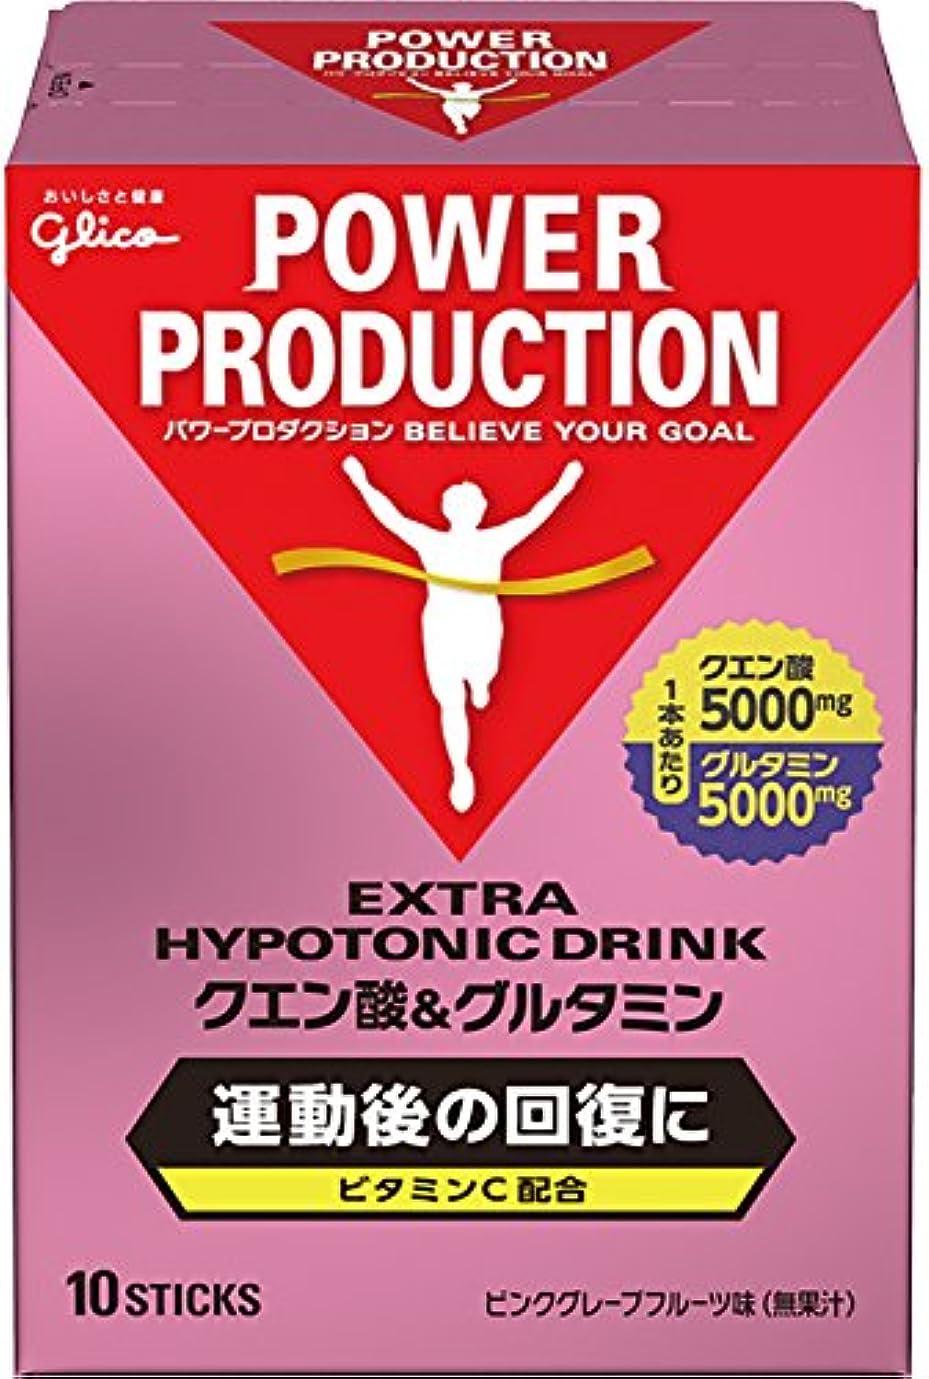 観察回転させる文言グリコ パワープロダクション エキストラ ハイポトニックドリンク クエン酸&グルタミン ピンクグレープフルーツ味 1袋 (12.4g) 10本